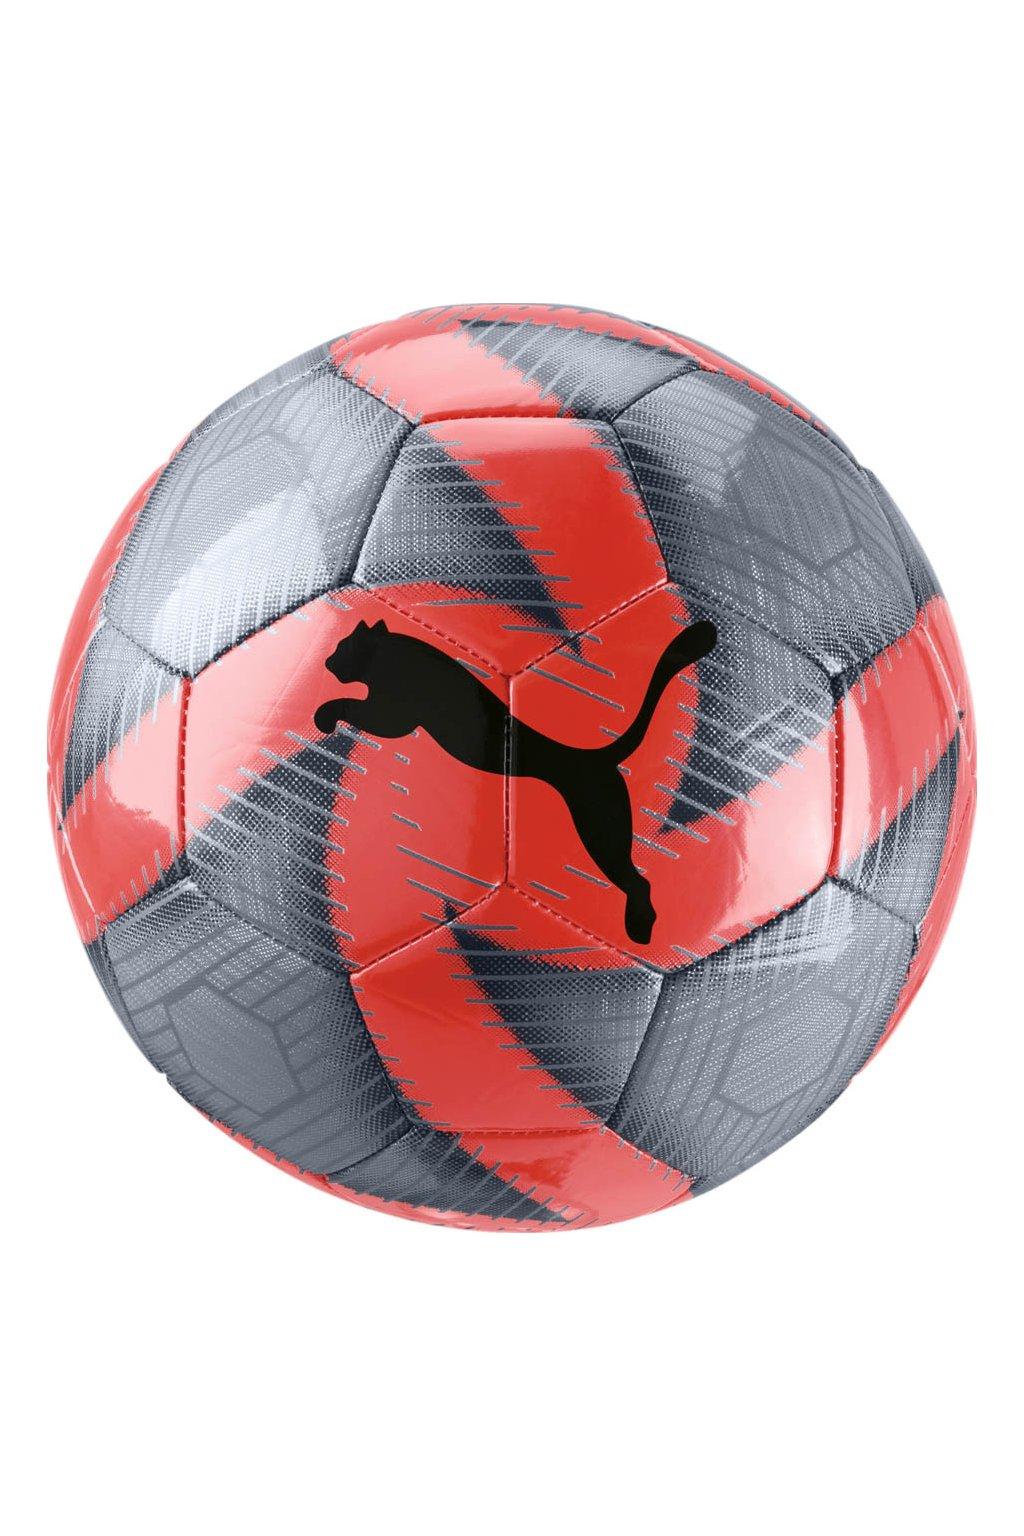 Futbalová lopta Puma Future Flare 083260 01